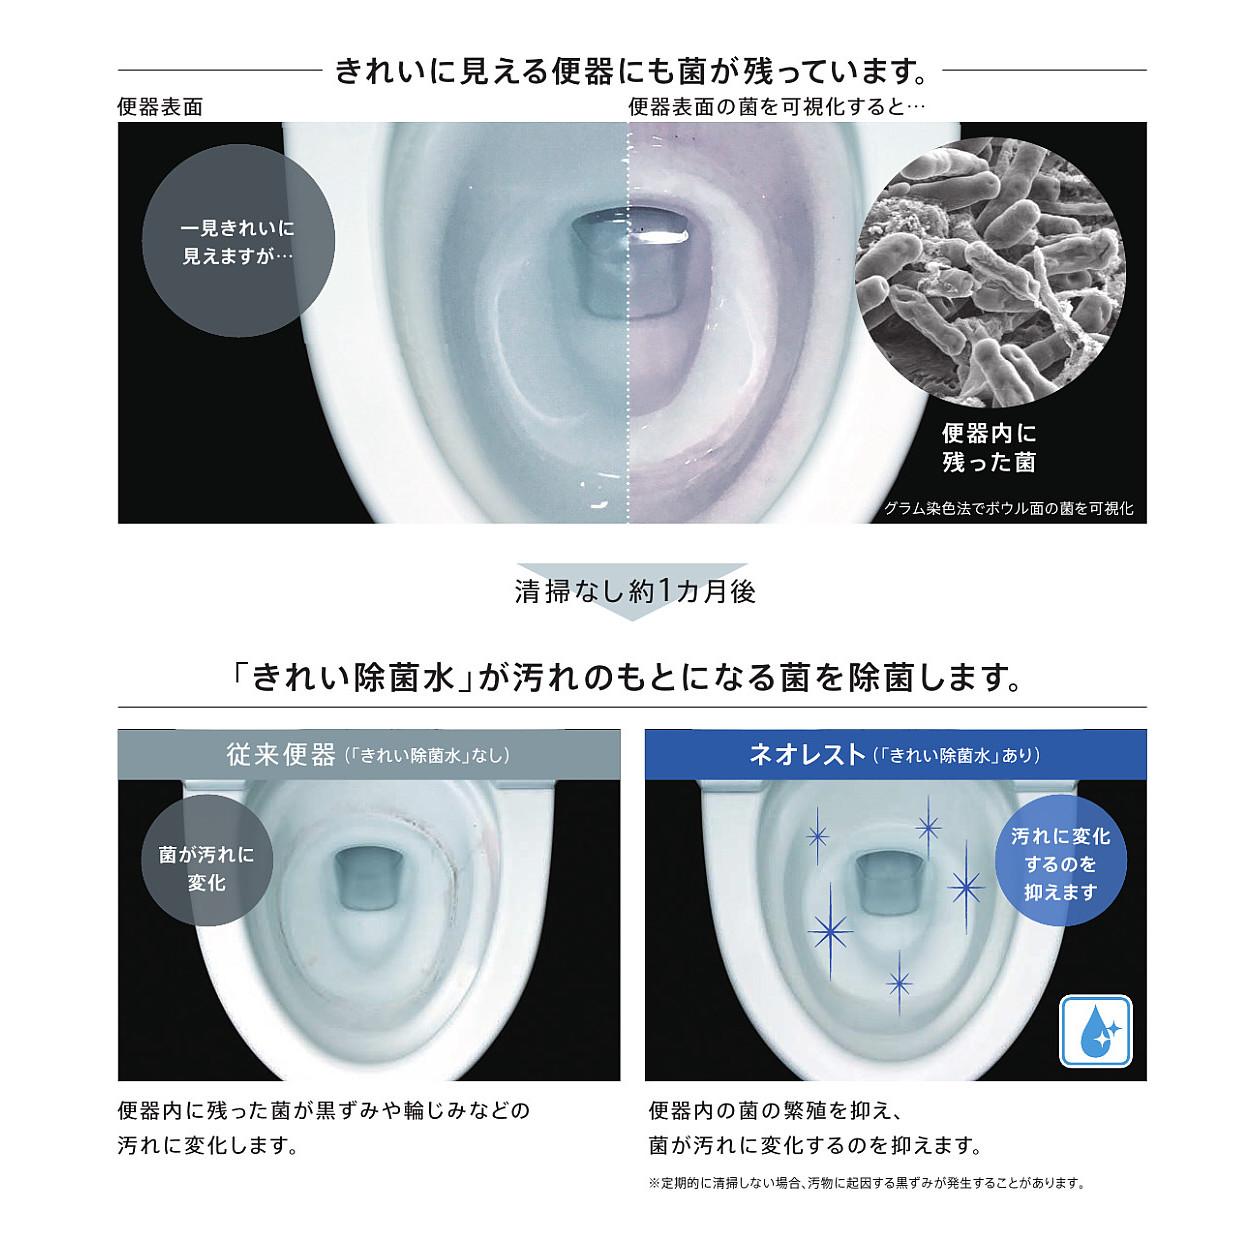 「使うたびネオレストが自動で除菌。お掃除が大変な黒ずみにつながる汚れを抑えます。」